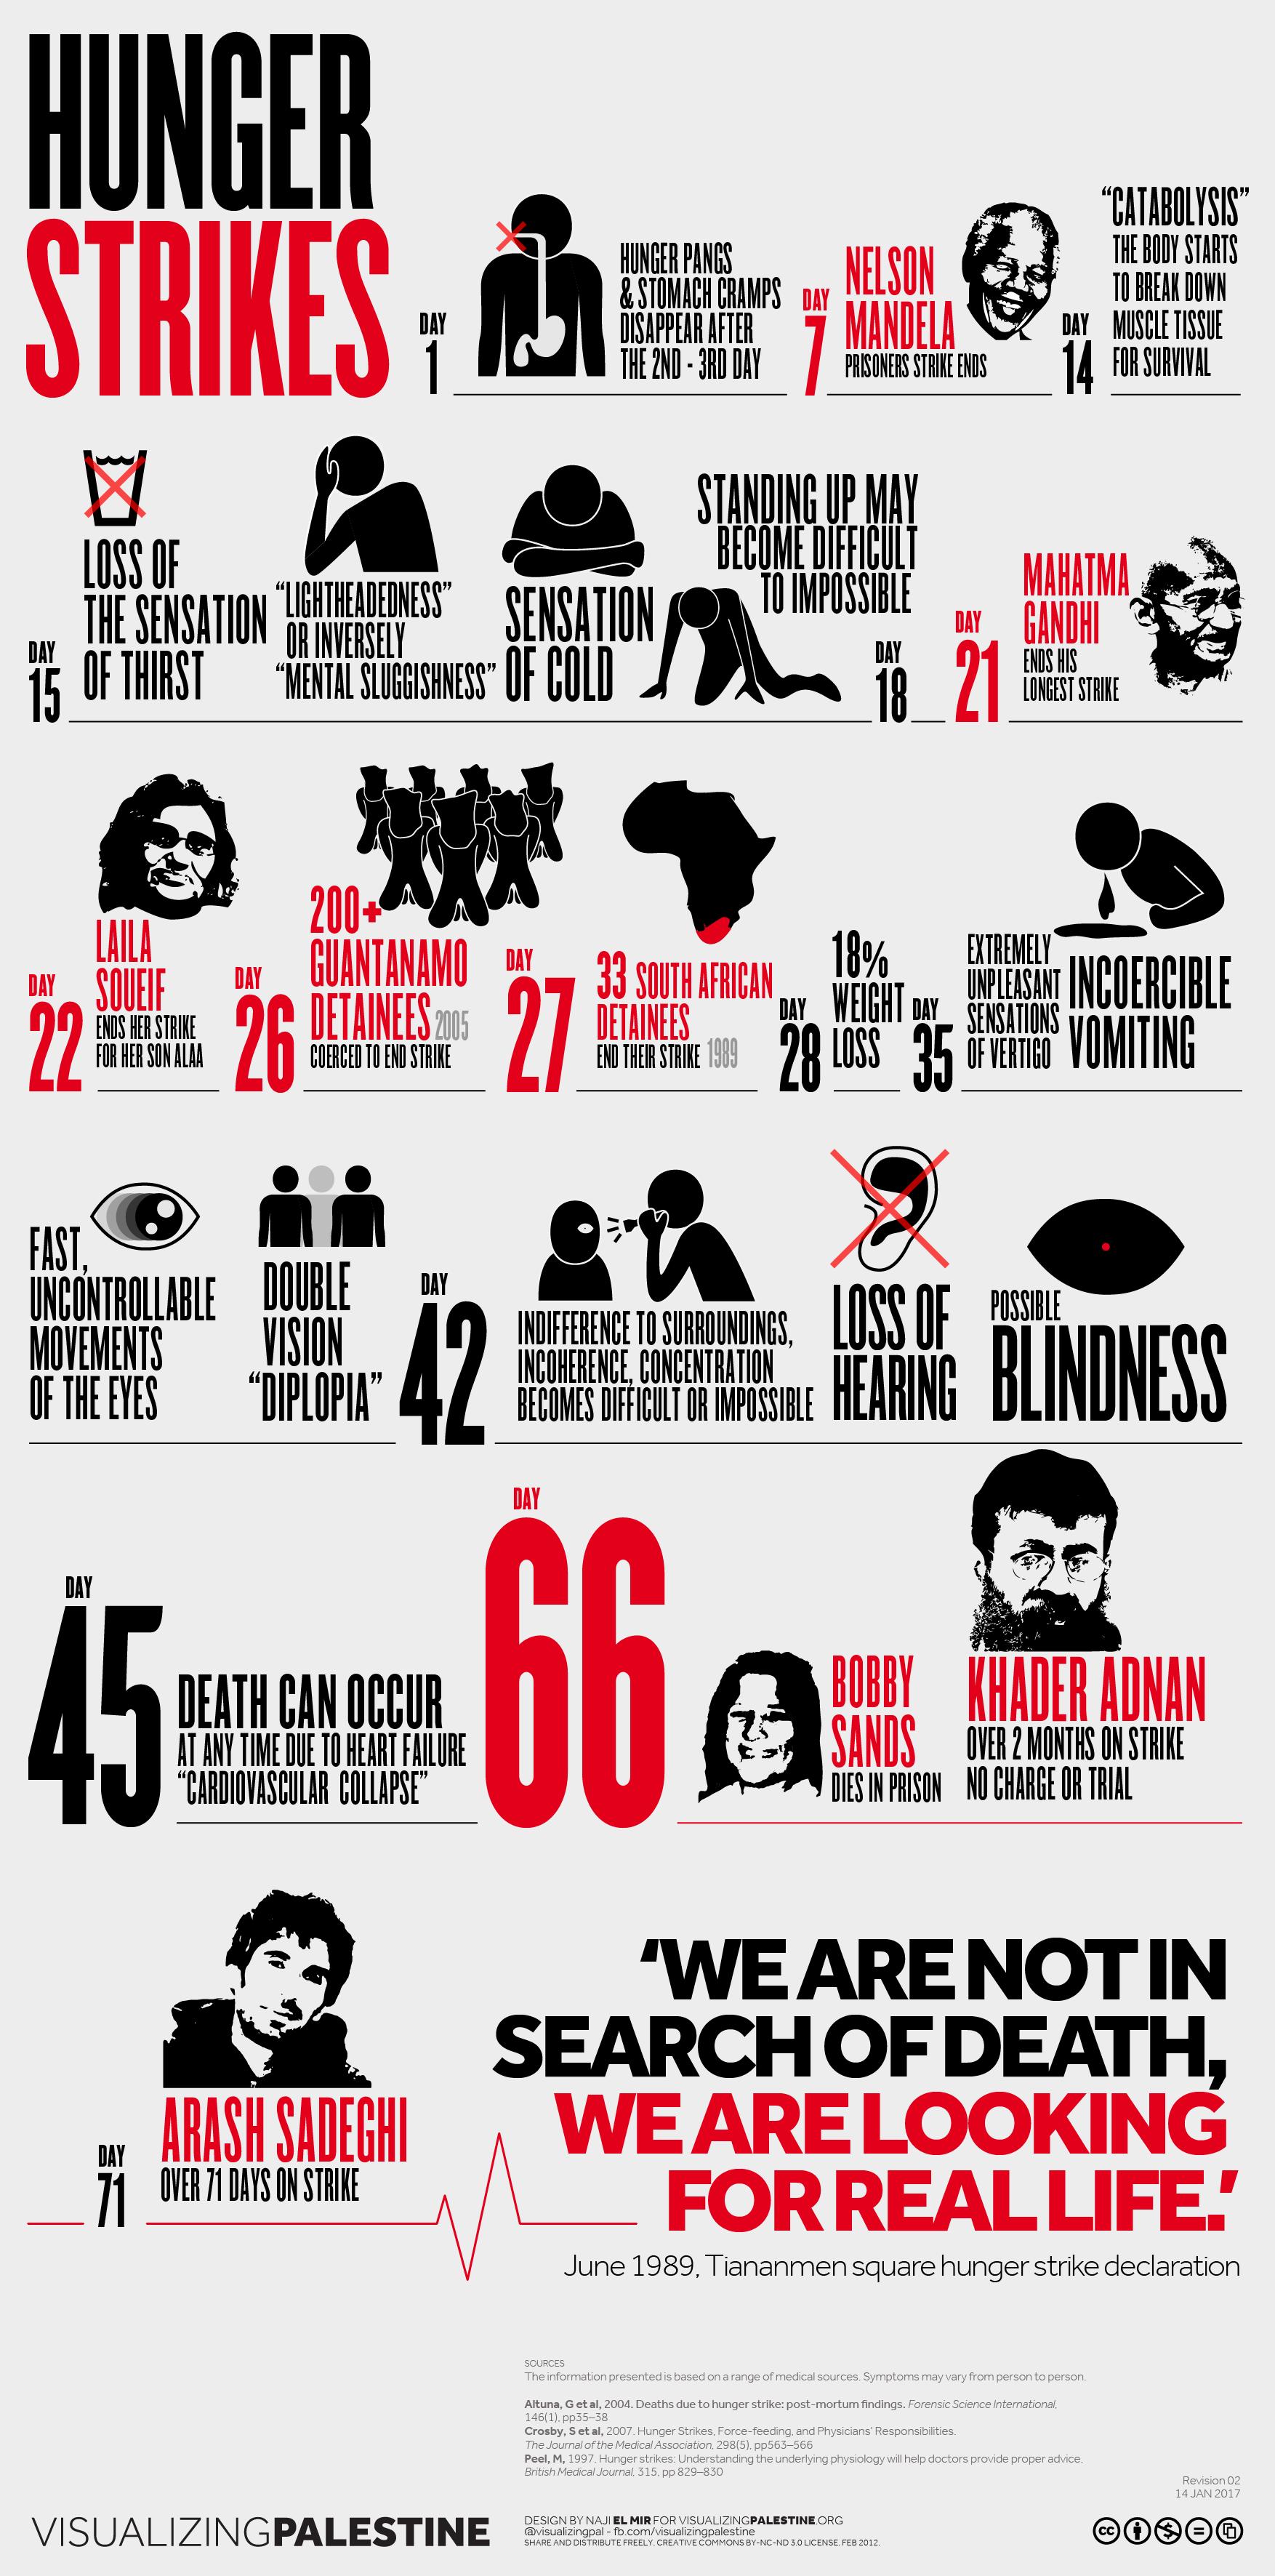 Infographie de Visualizing Palestine sur les effets d'une grève de la faim du 1er au 71e jour.